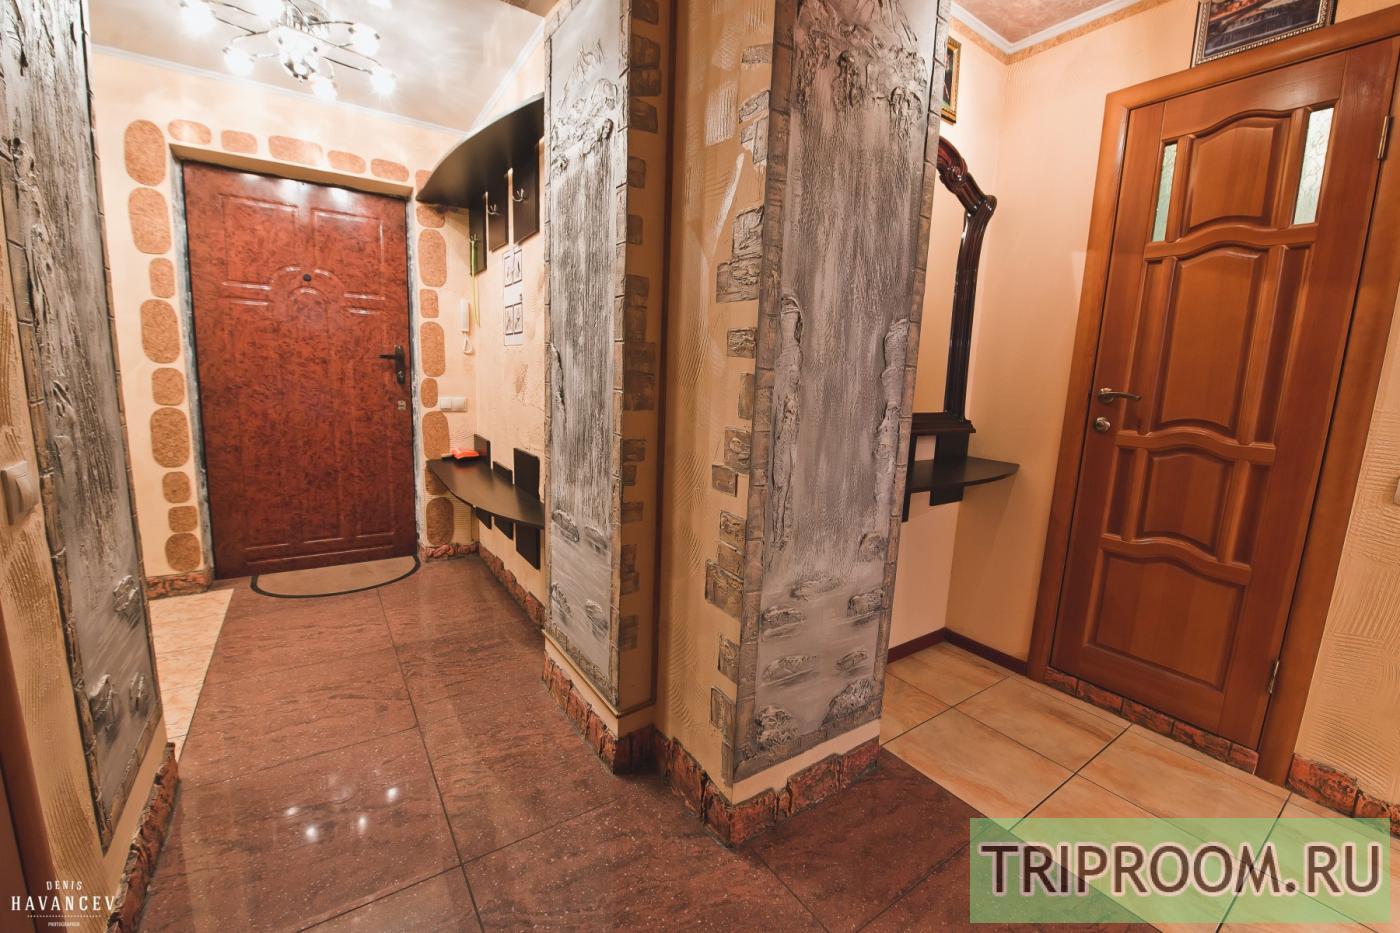 1-комнатная квартира посуточно (вариант № 14828), ул. 1-й Магнитный проезд, фото № 13